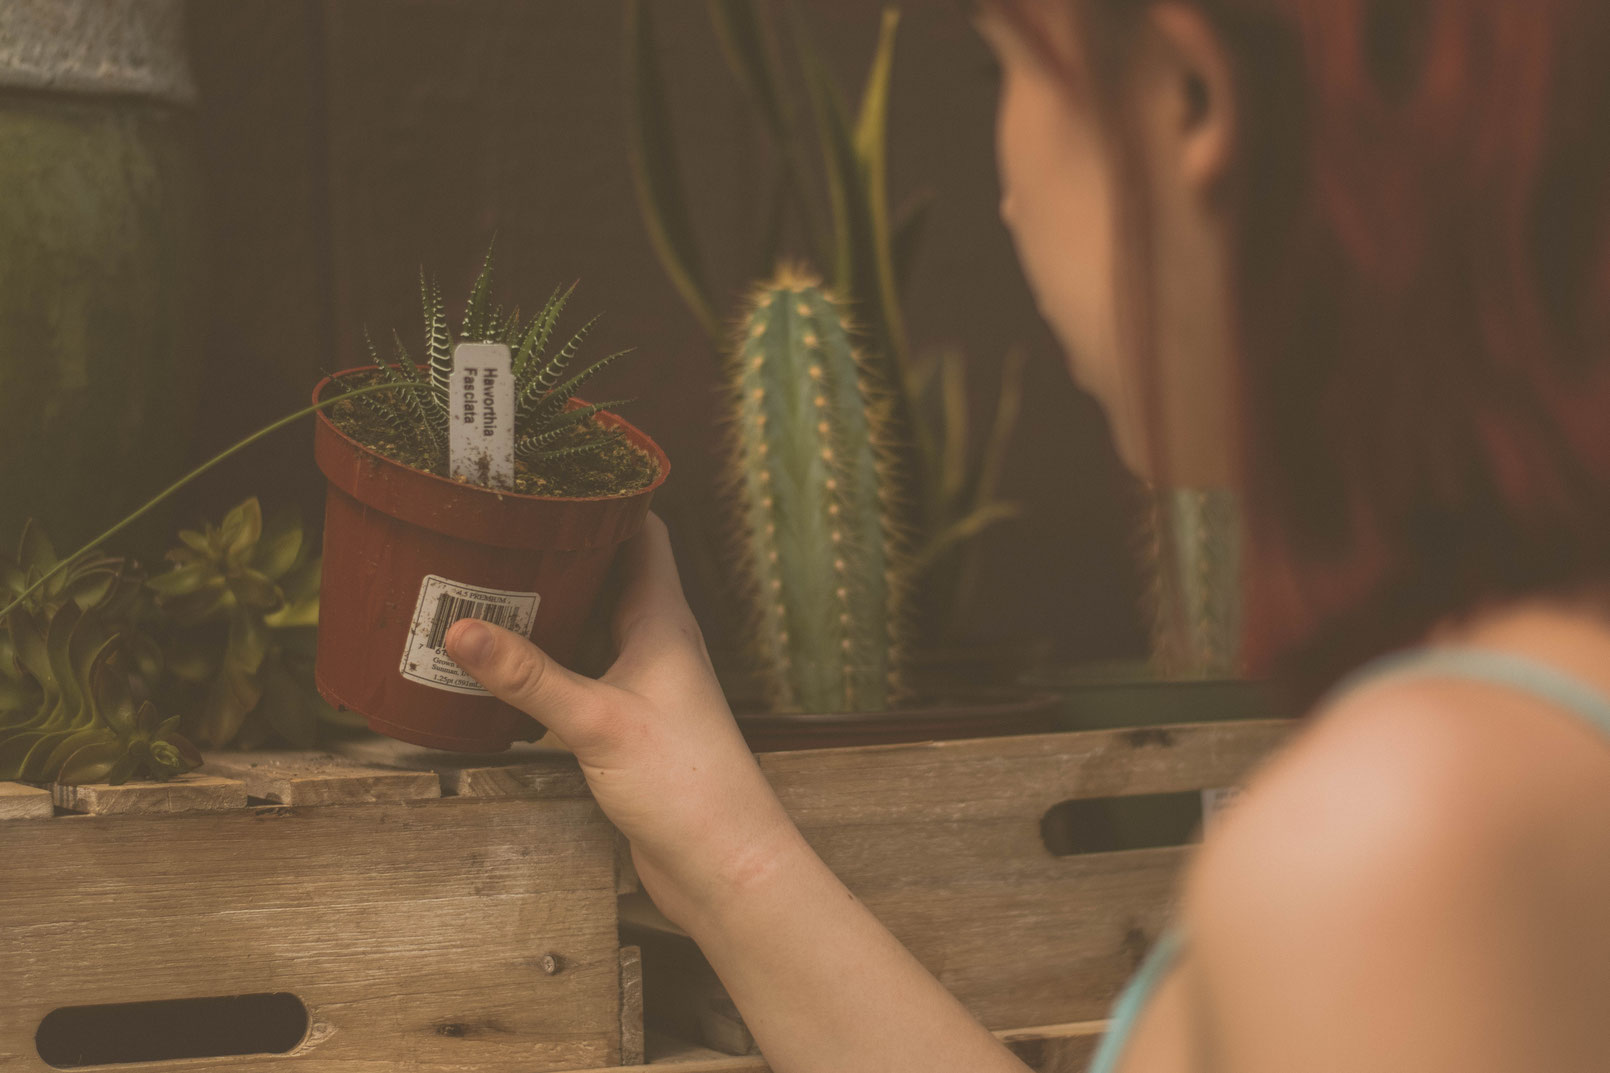 ZIMMERPFLANZEN VERMEHREN - Für die Pflege von Zimmerpflanzen, die Anzucht neuer Pflanzen und schließlich für das Vermehren von Zimmerpflanzen benötigst du verschiedenes Zubehör.